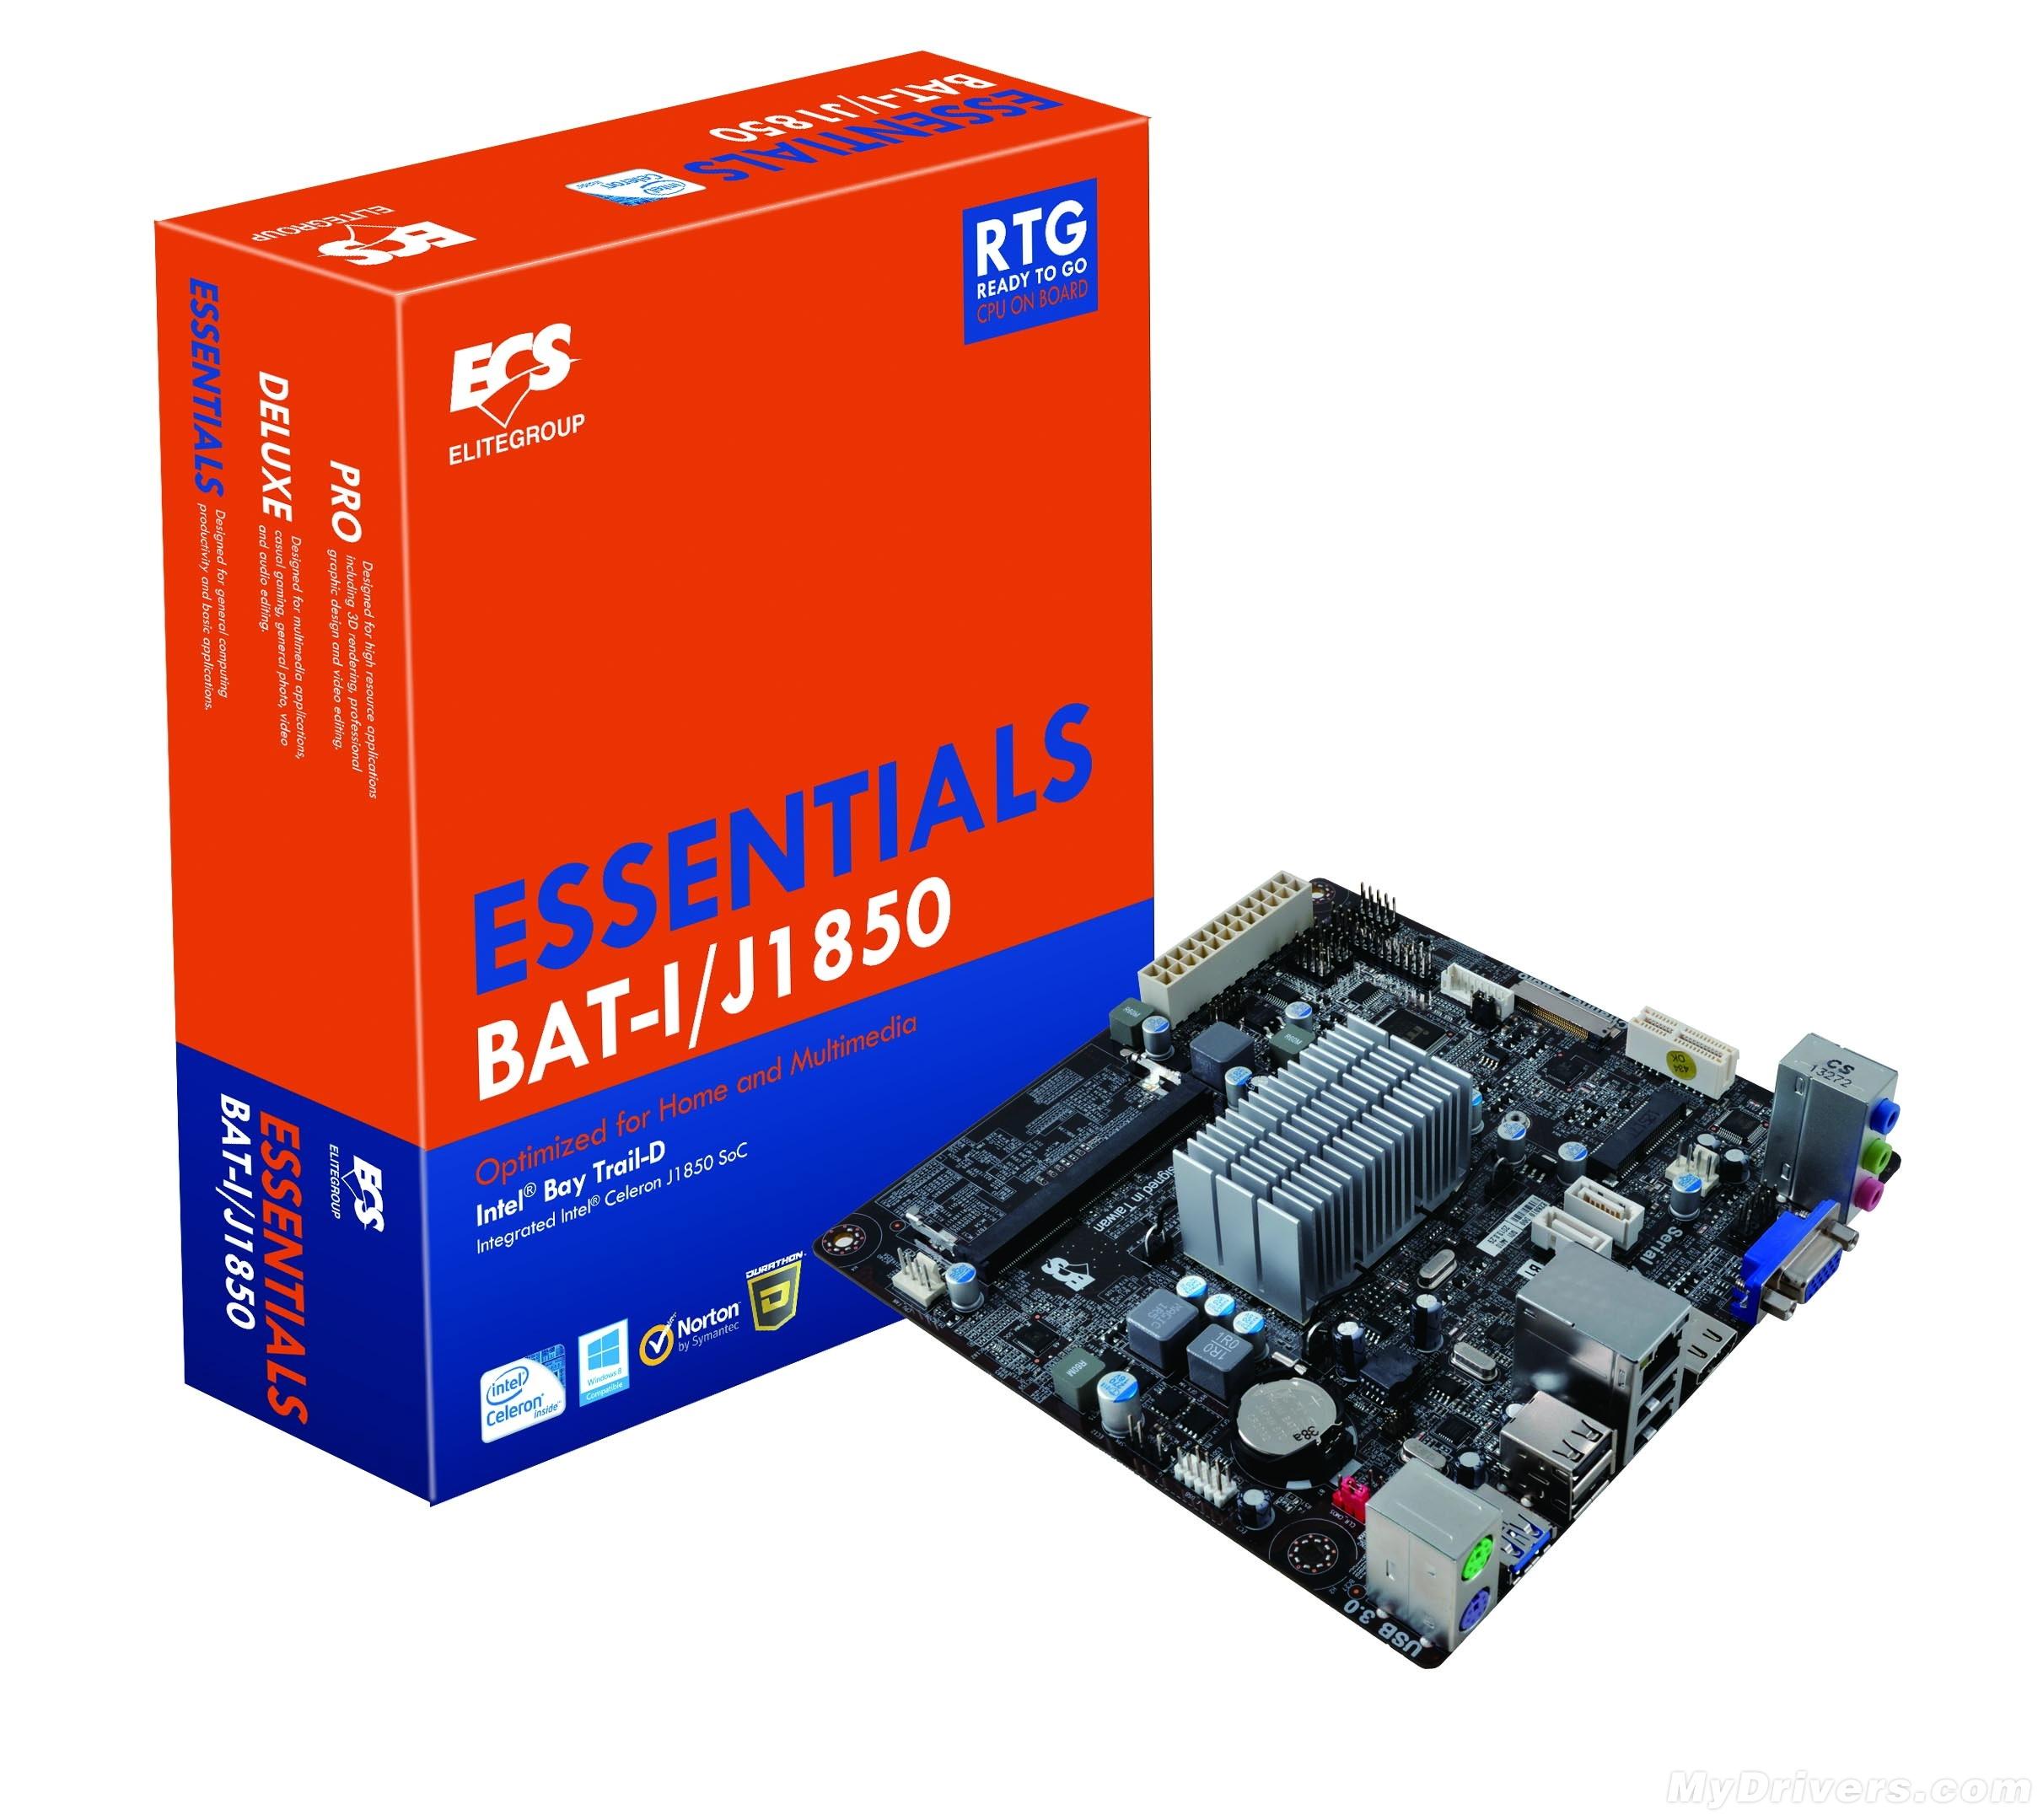 ECS BAT-I/J1850 - p�yta Mini-ITX ze zintegrowanym uk�adem Celeron J1850